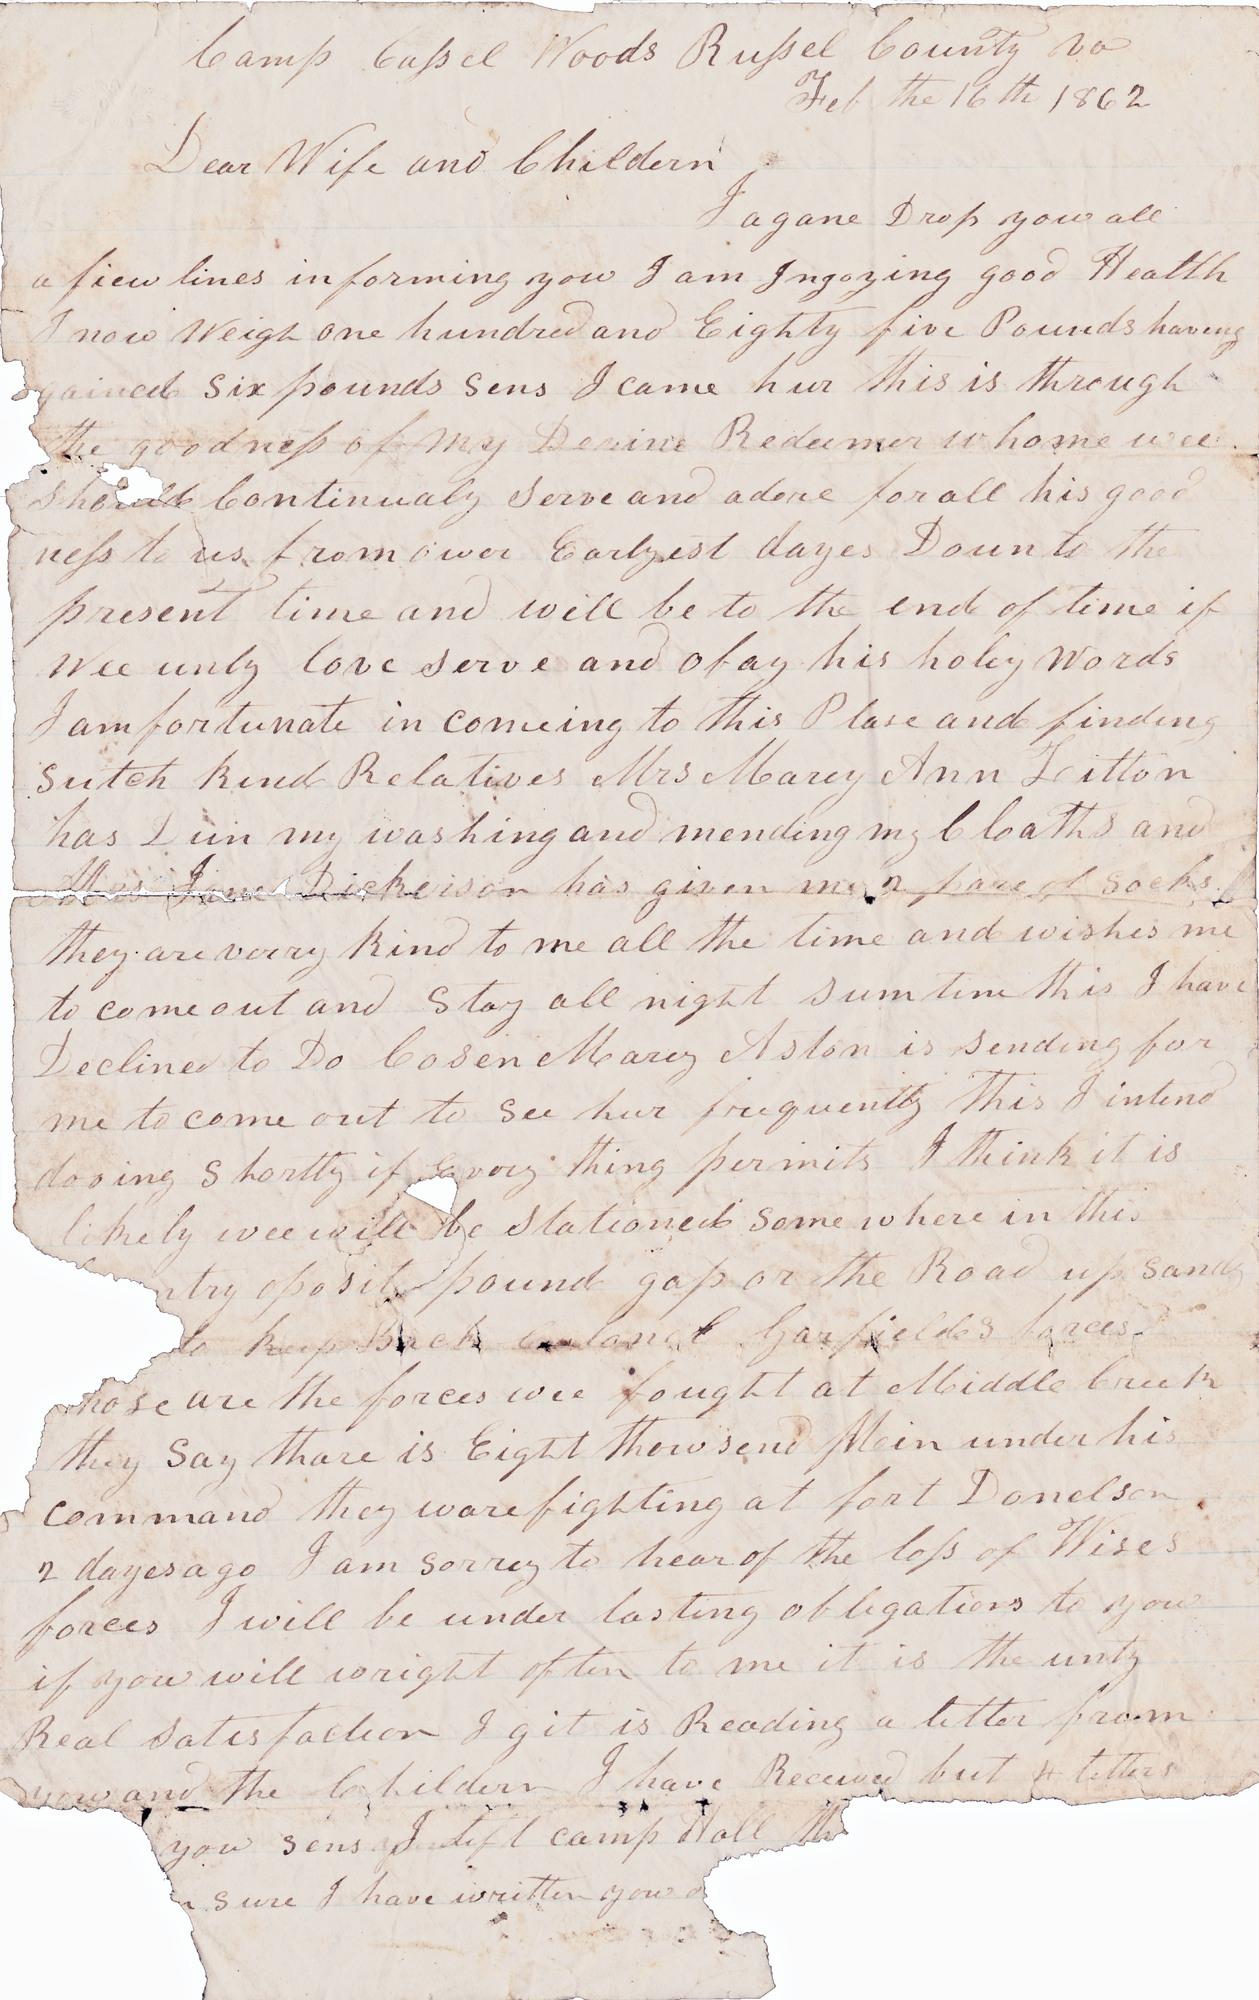 Ms2009-112_CarnahanJohnNewton_Letter_1862_0216a.jpg